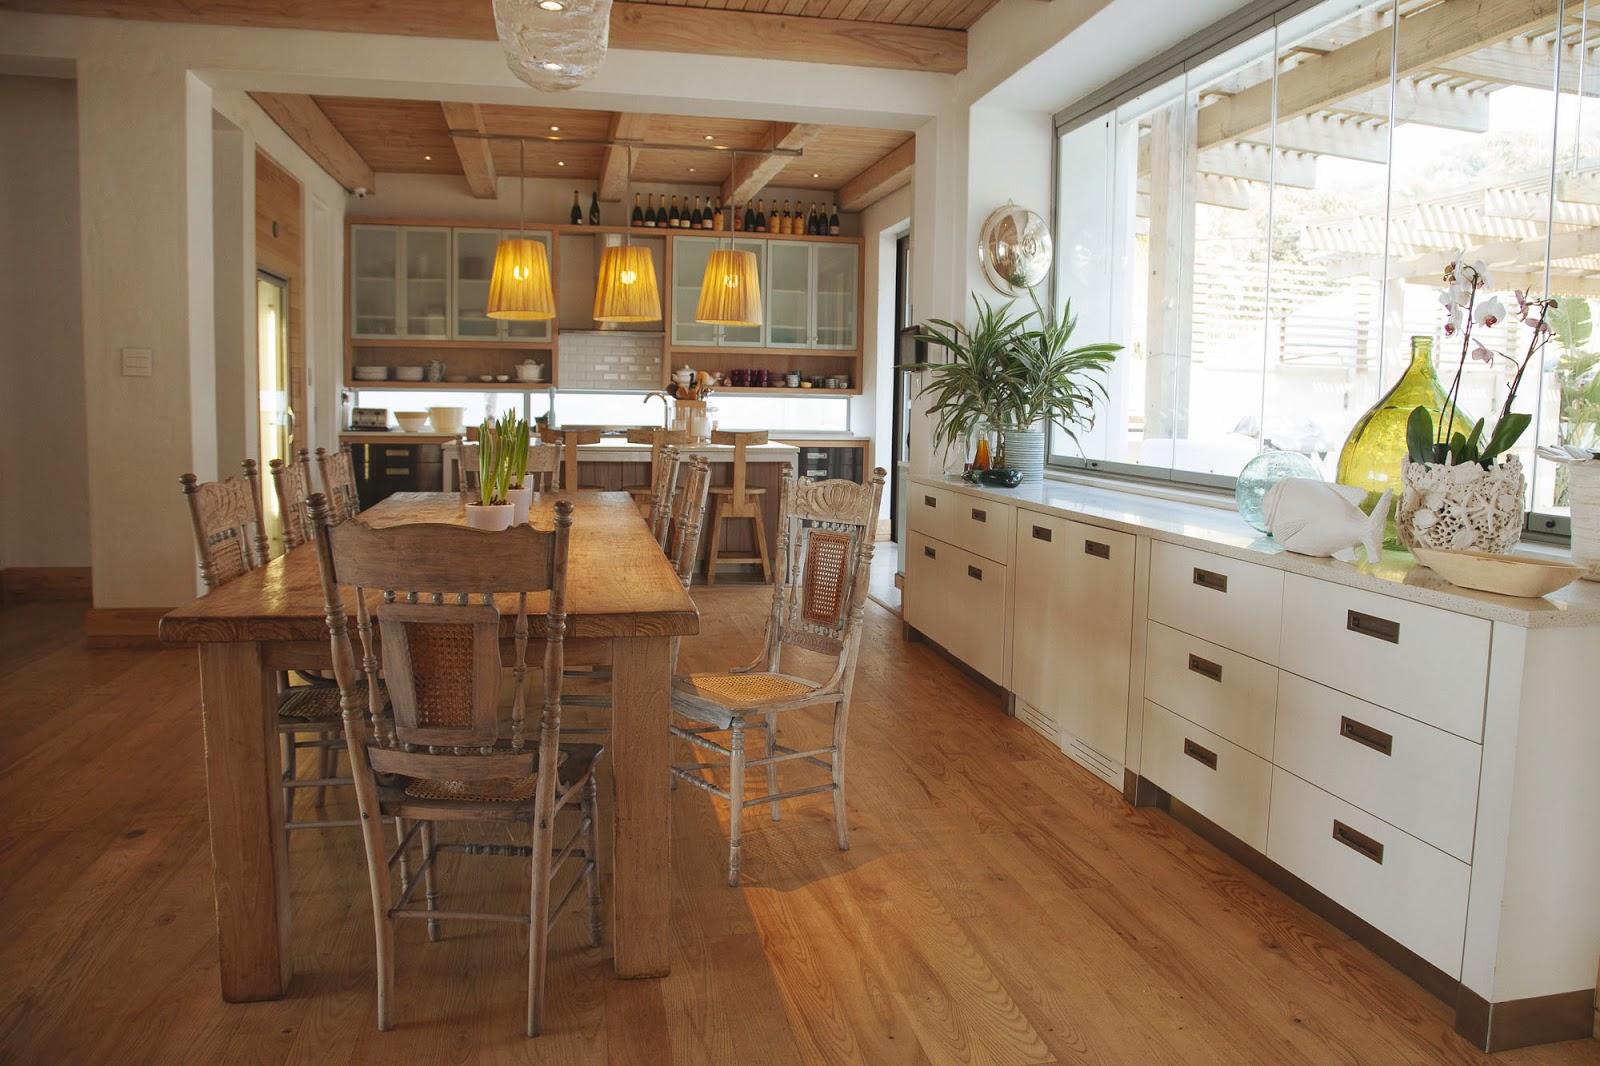 Changes portfolio update 2 ilovebokkie for Cucina casa mare